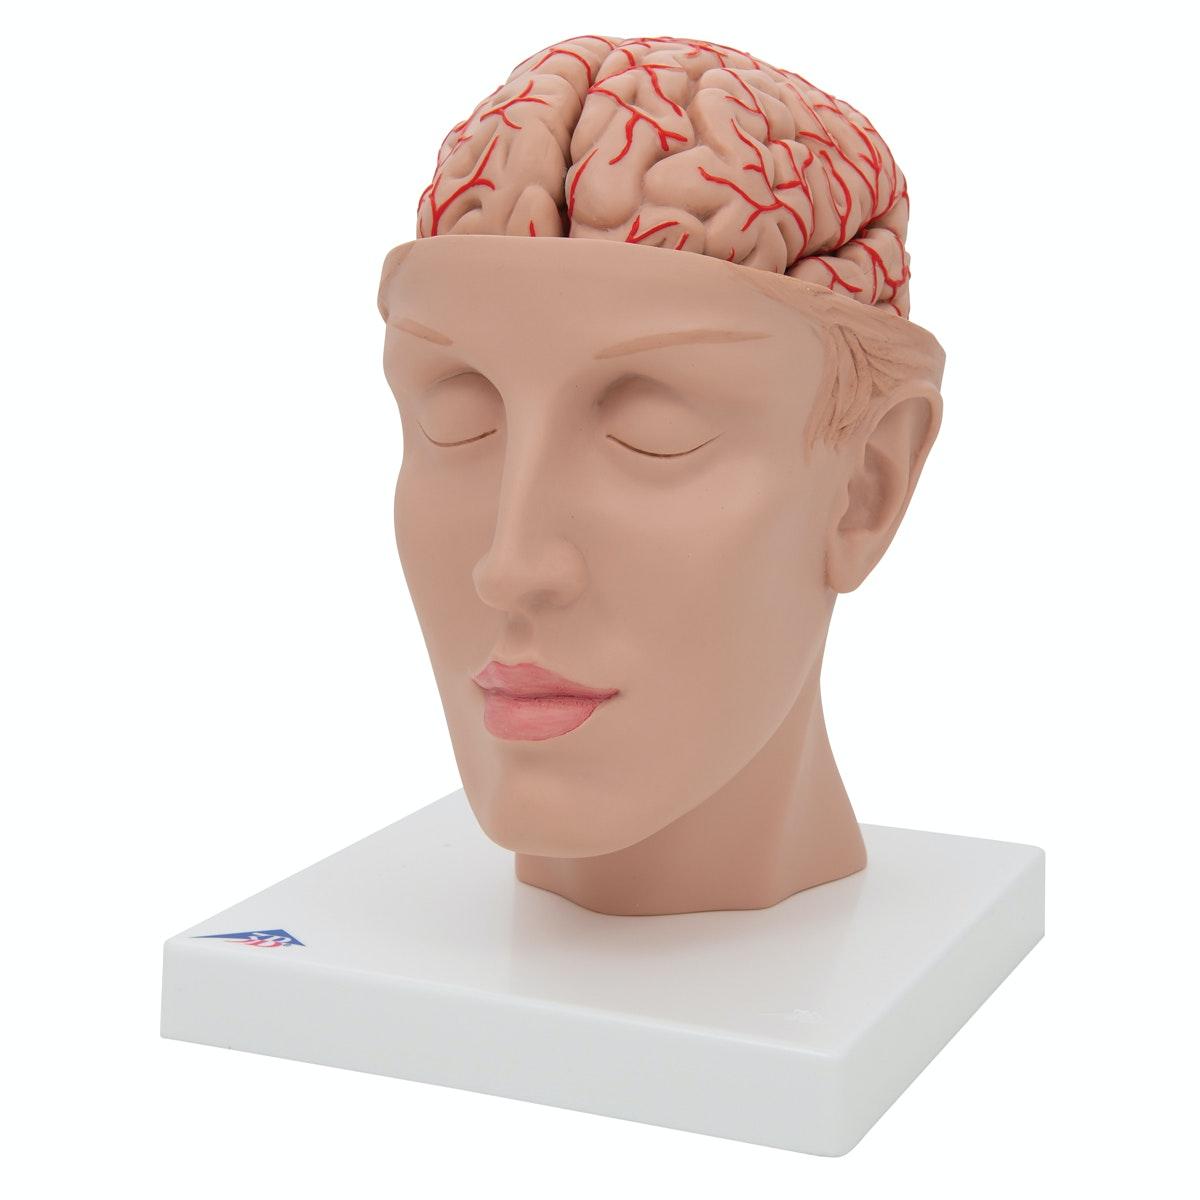 8-delt hjerne med arterier i delt hoved